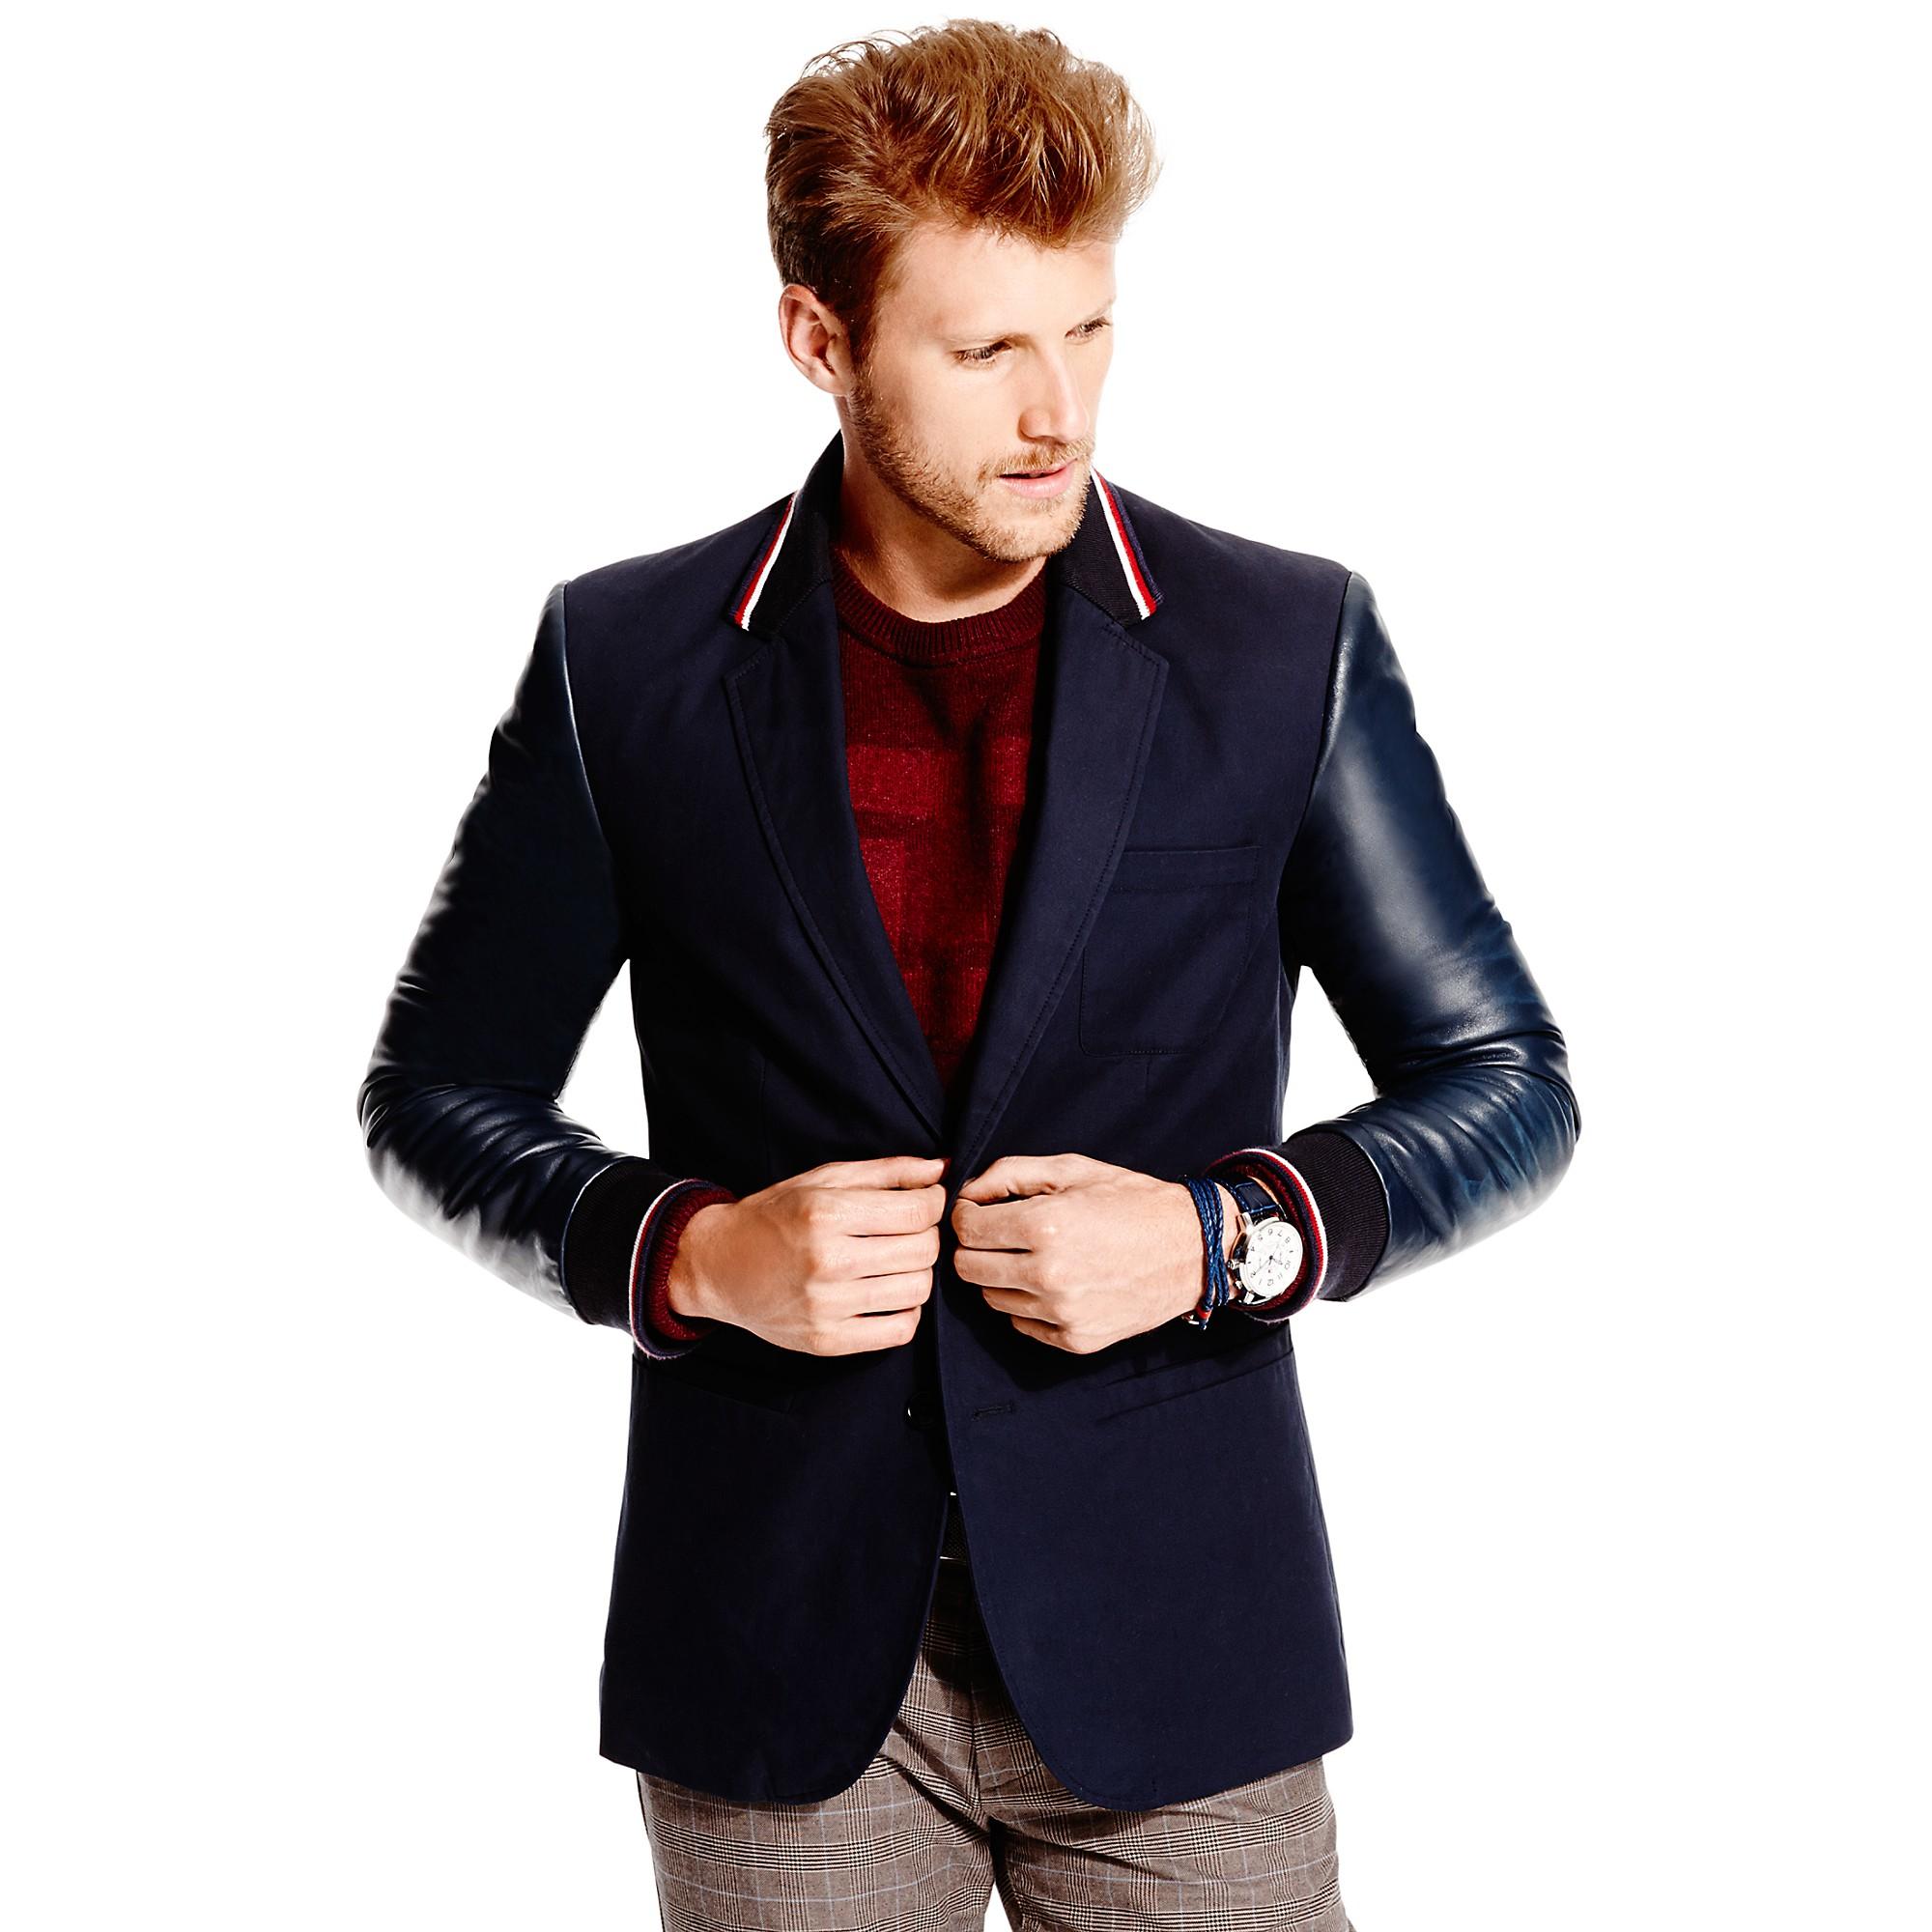 tommy hilfiger varsity sport coat in blue for men navy. Black Bedroom Furniture Sets. Home Design Ideas